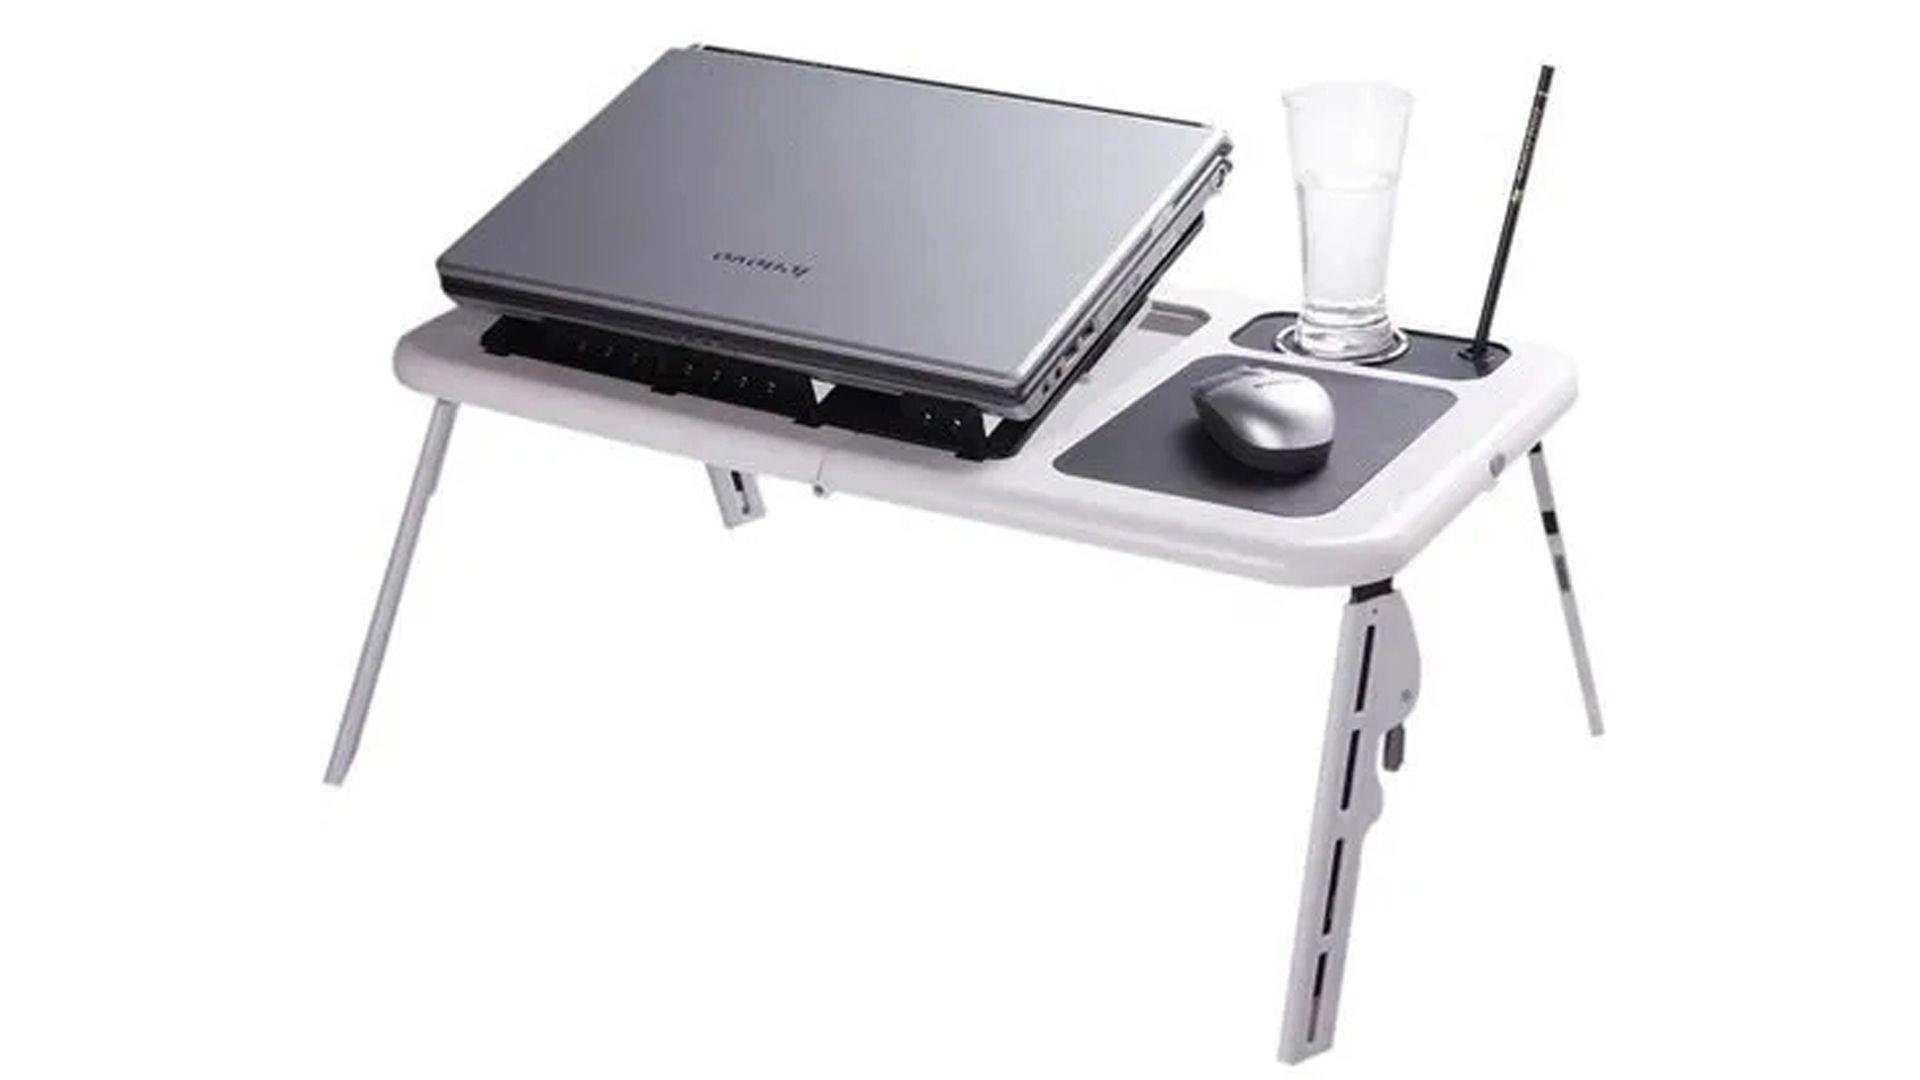 Uma mesa para notebook dobrável com coolers (Fonte: Reprodução)